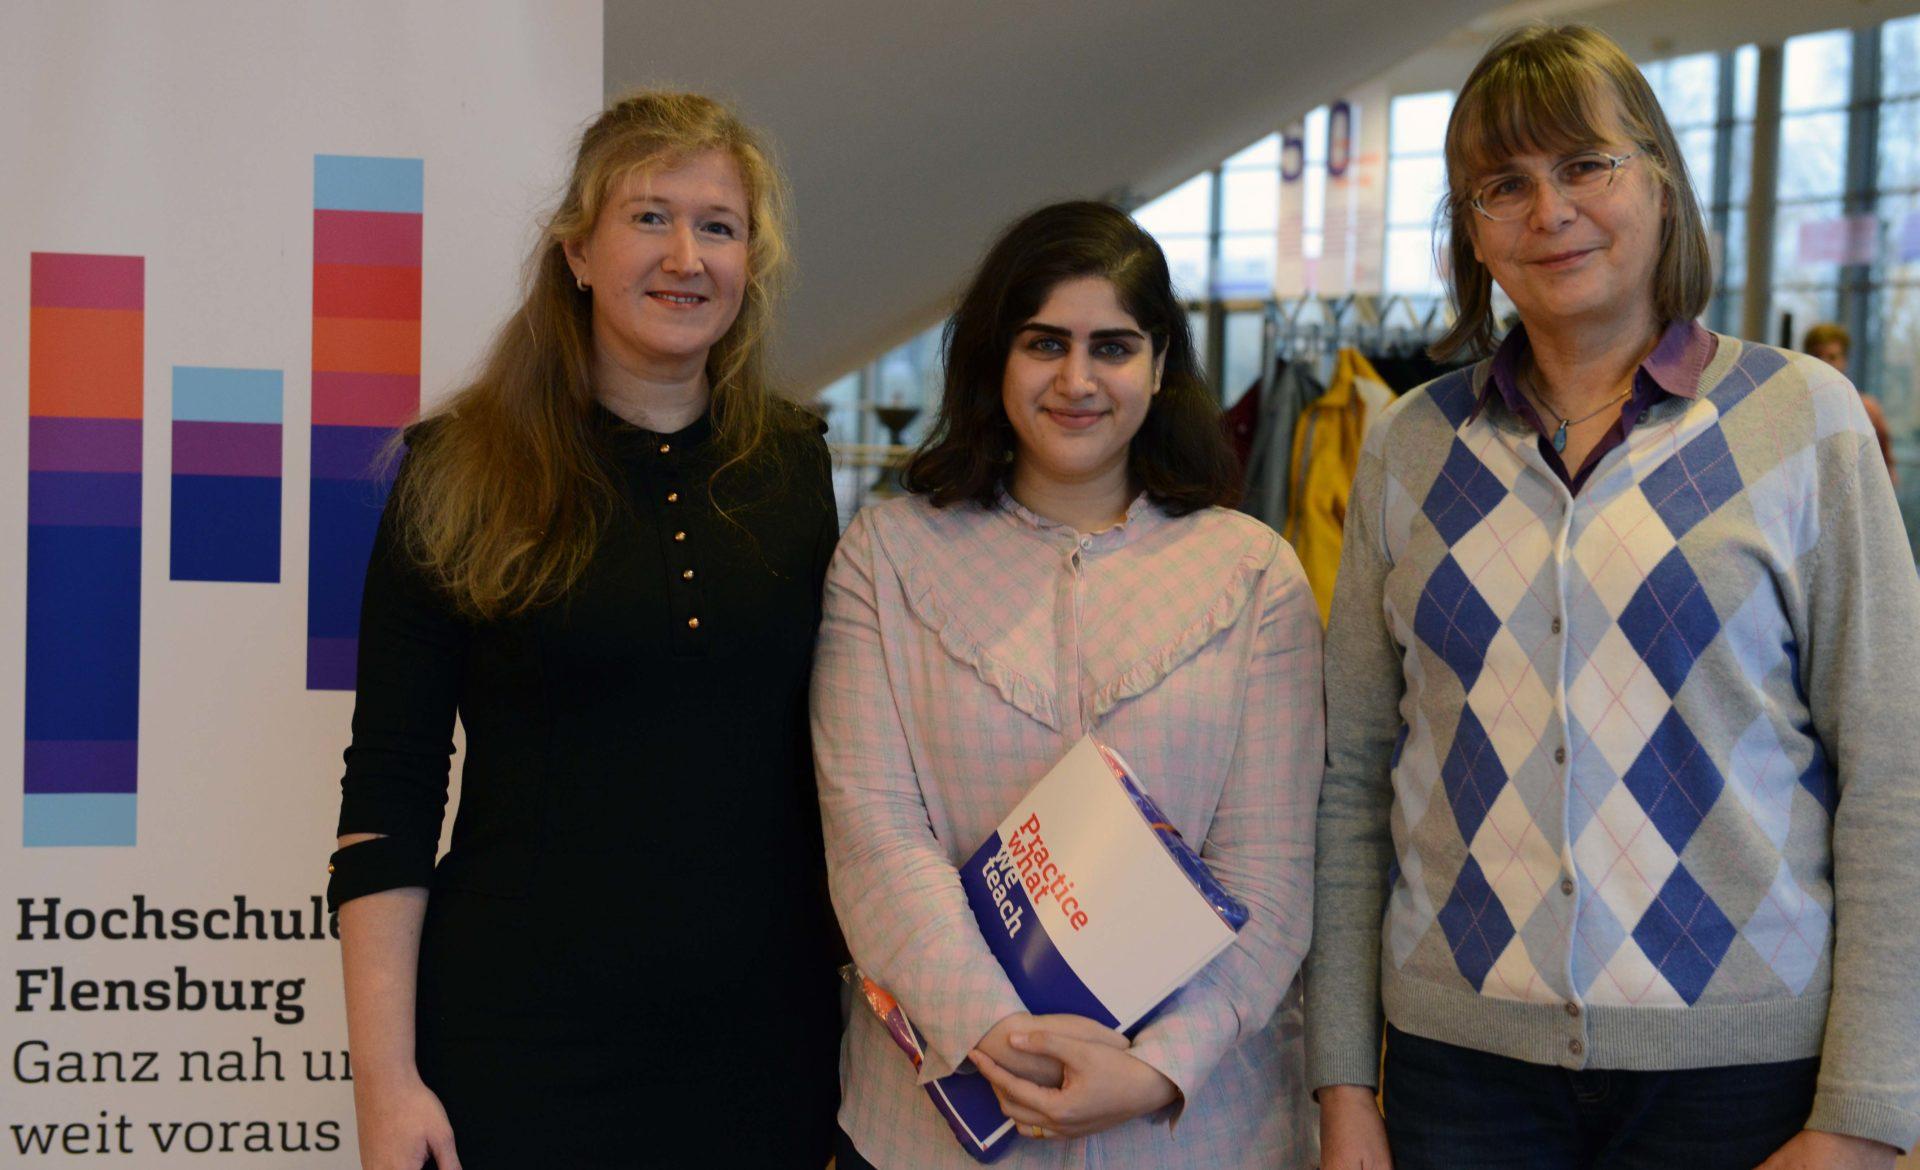 Hochschule Flensburg: Abschlussurkunden und eine Preisverleihung